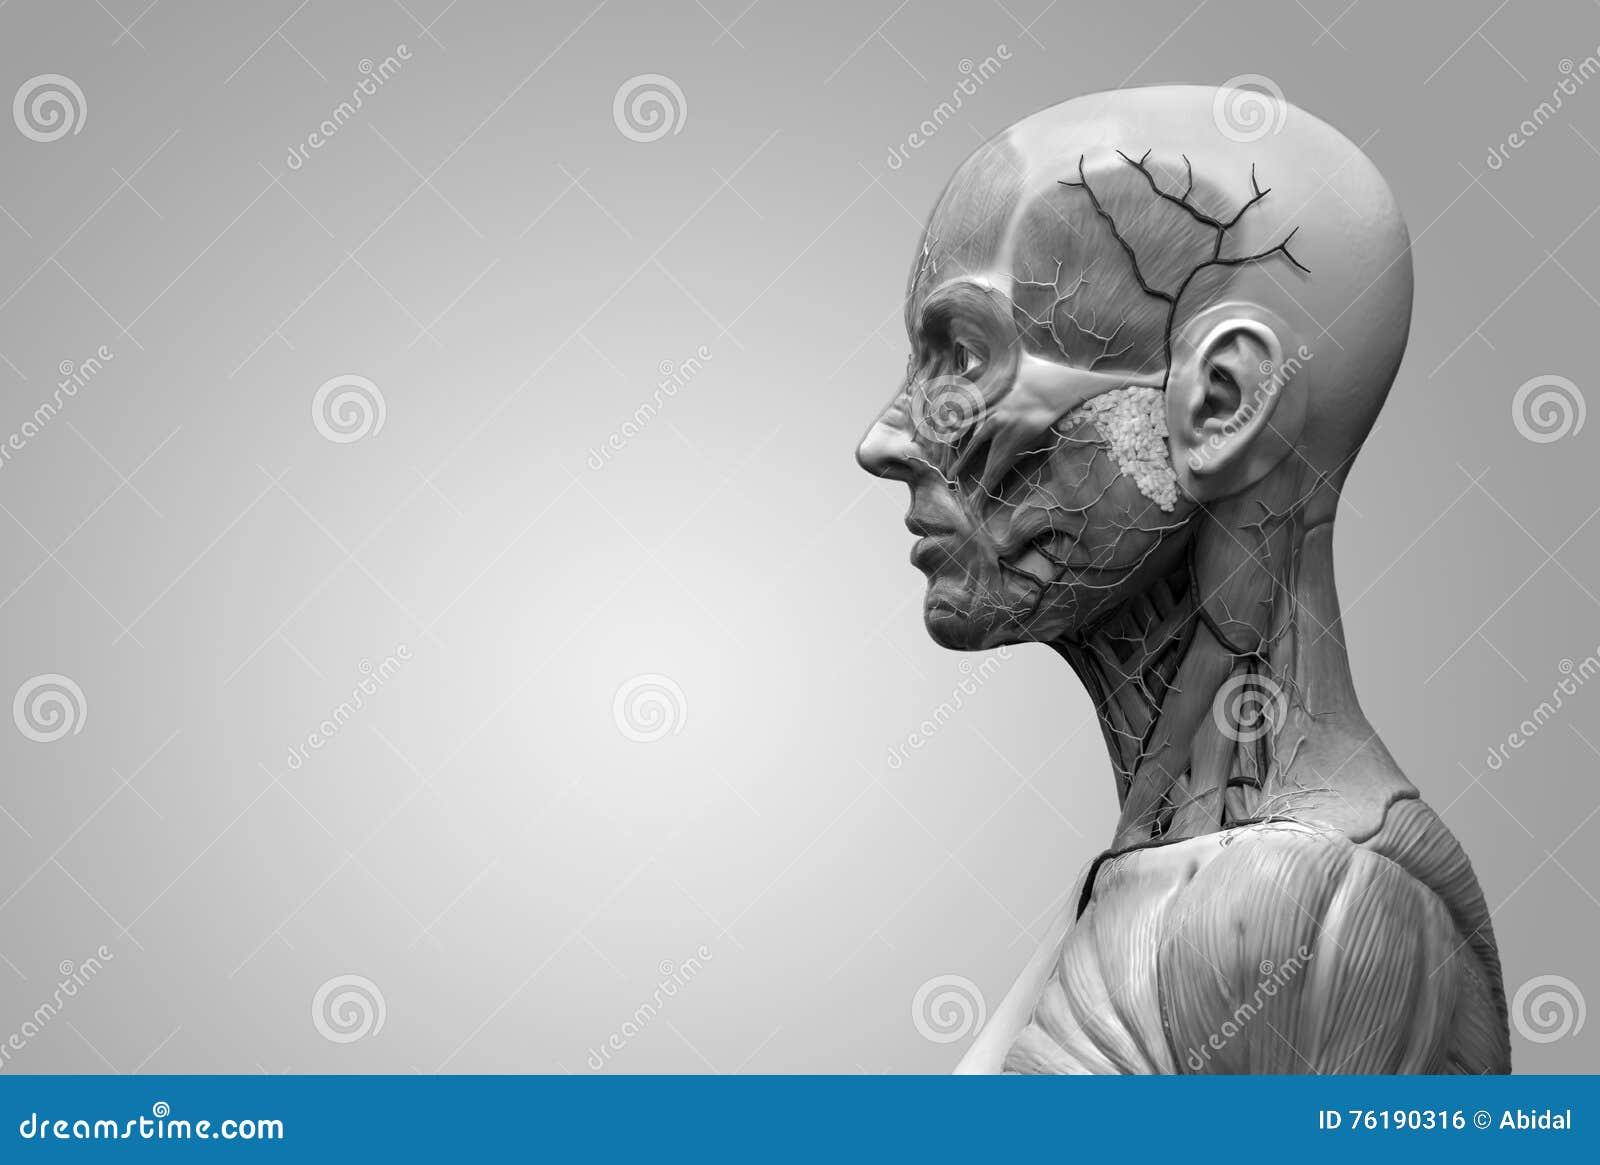 Anatomie Des Menschlichen Körpers Einer Frau Stock Abbildung ...